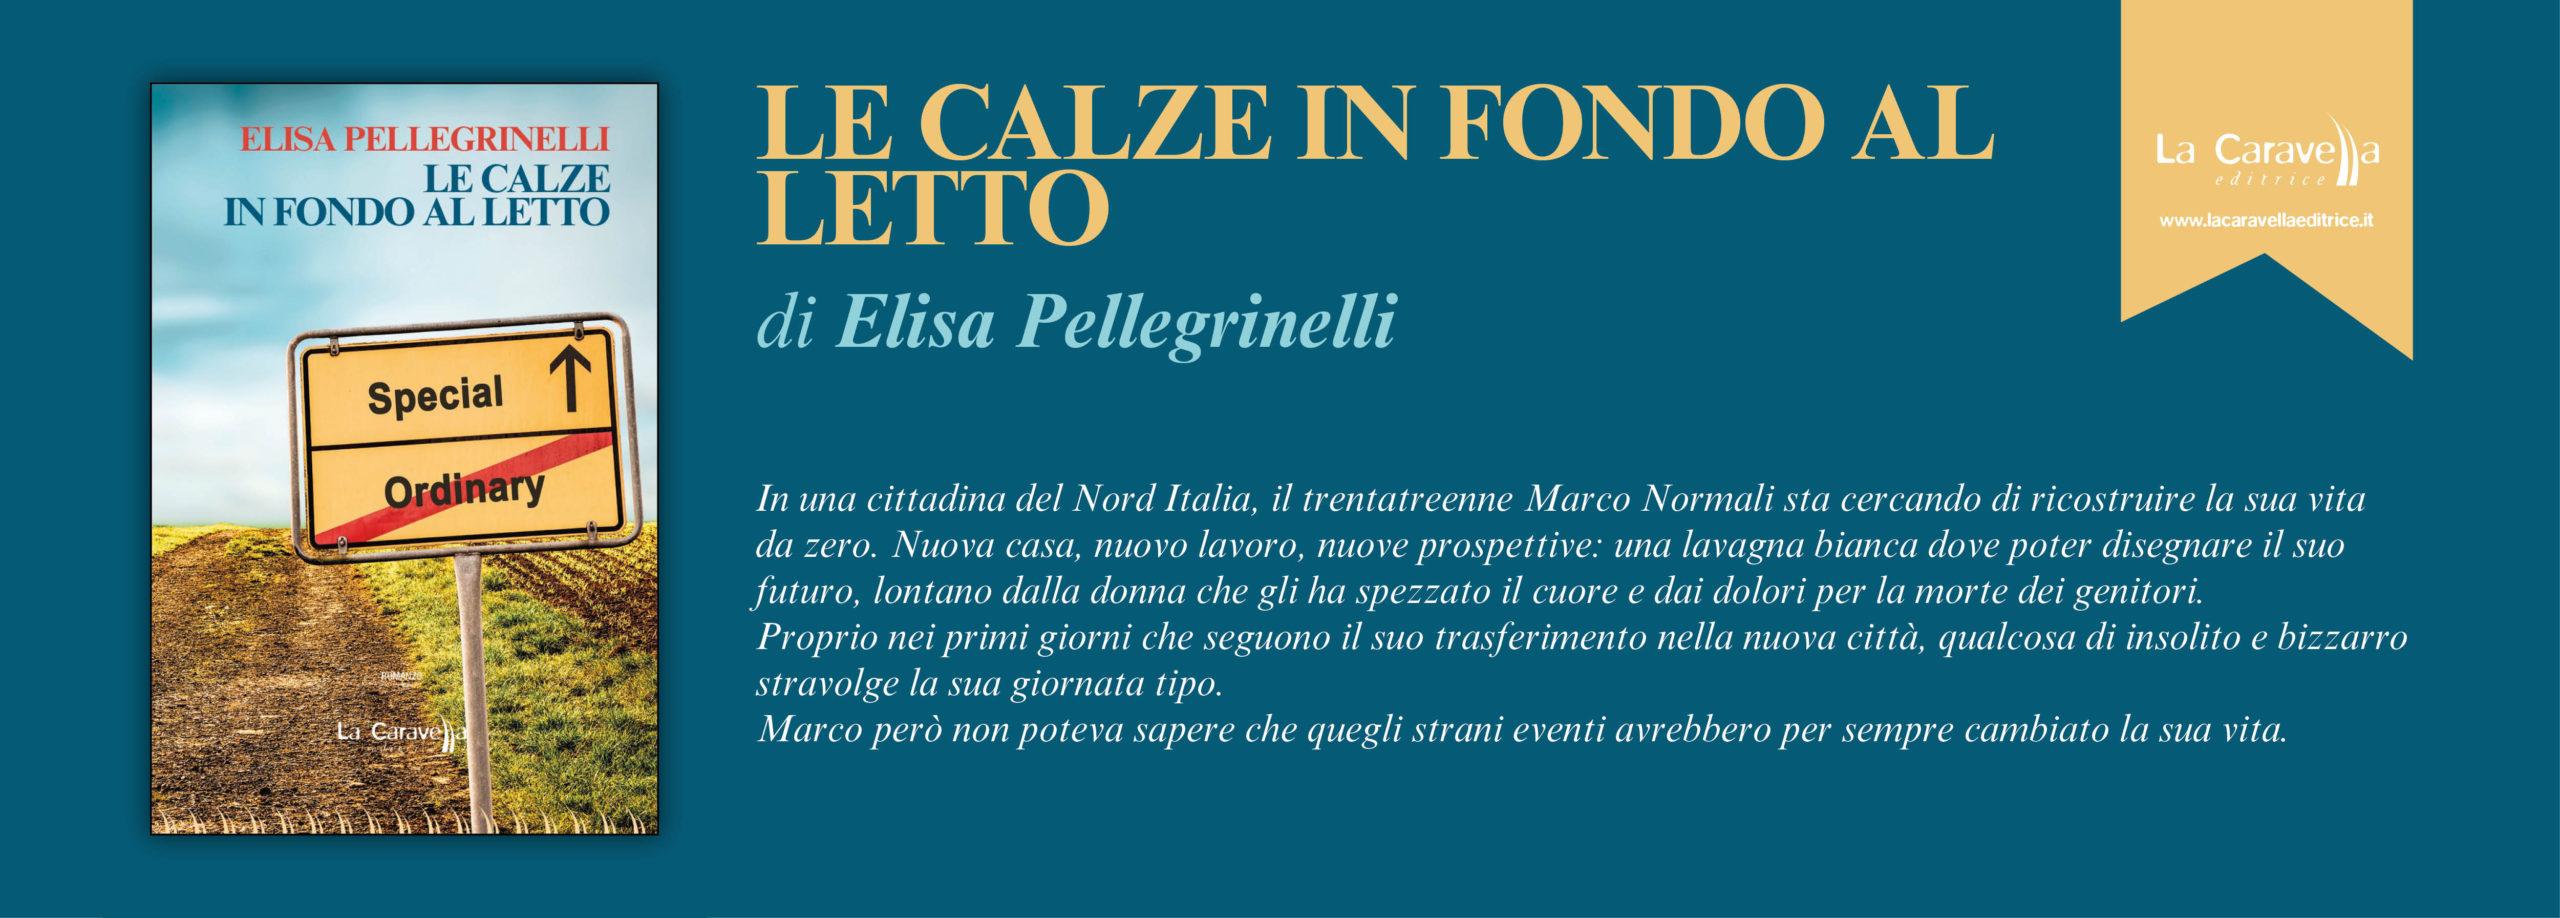 NUOVE USCITE: LE CALZE IN FONDO AL LETTO di Elisa Pellegrinelli